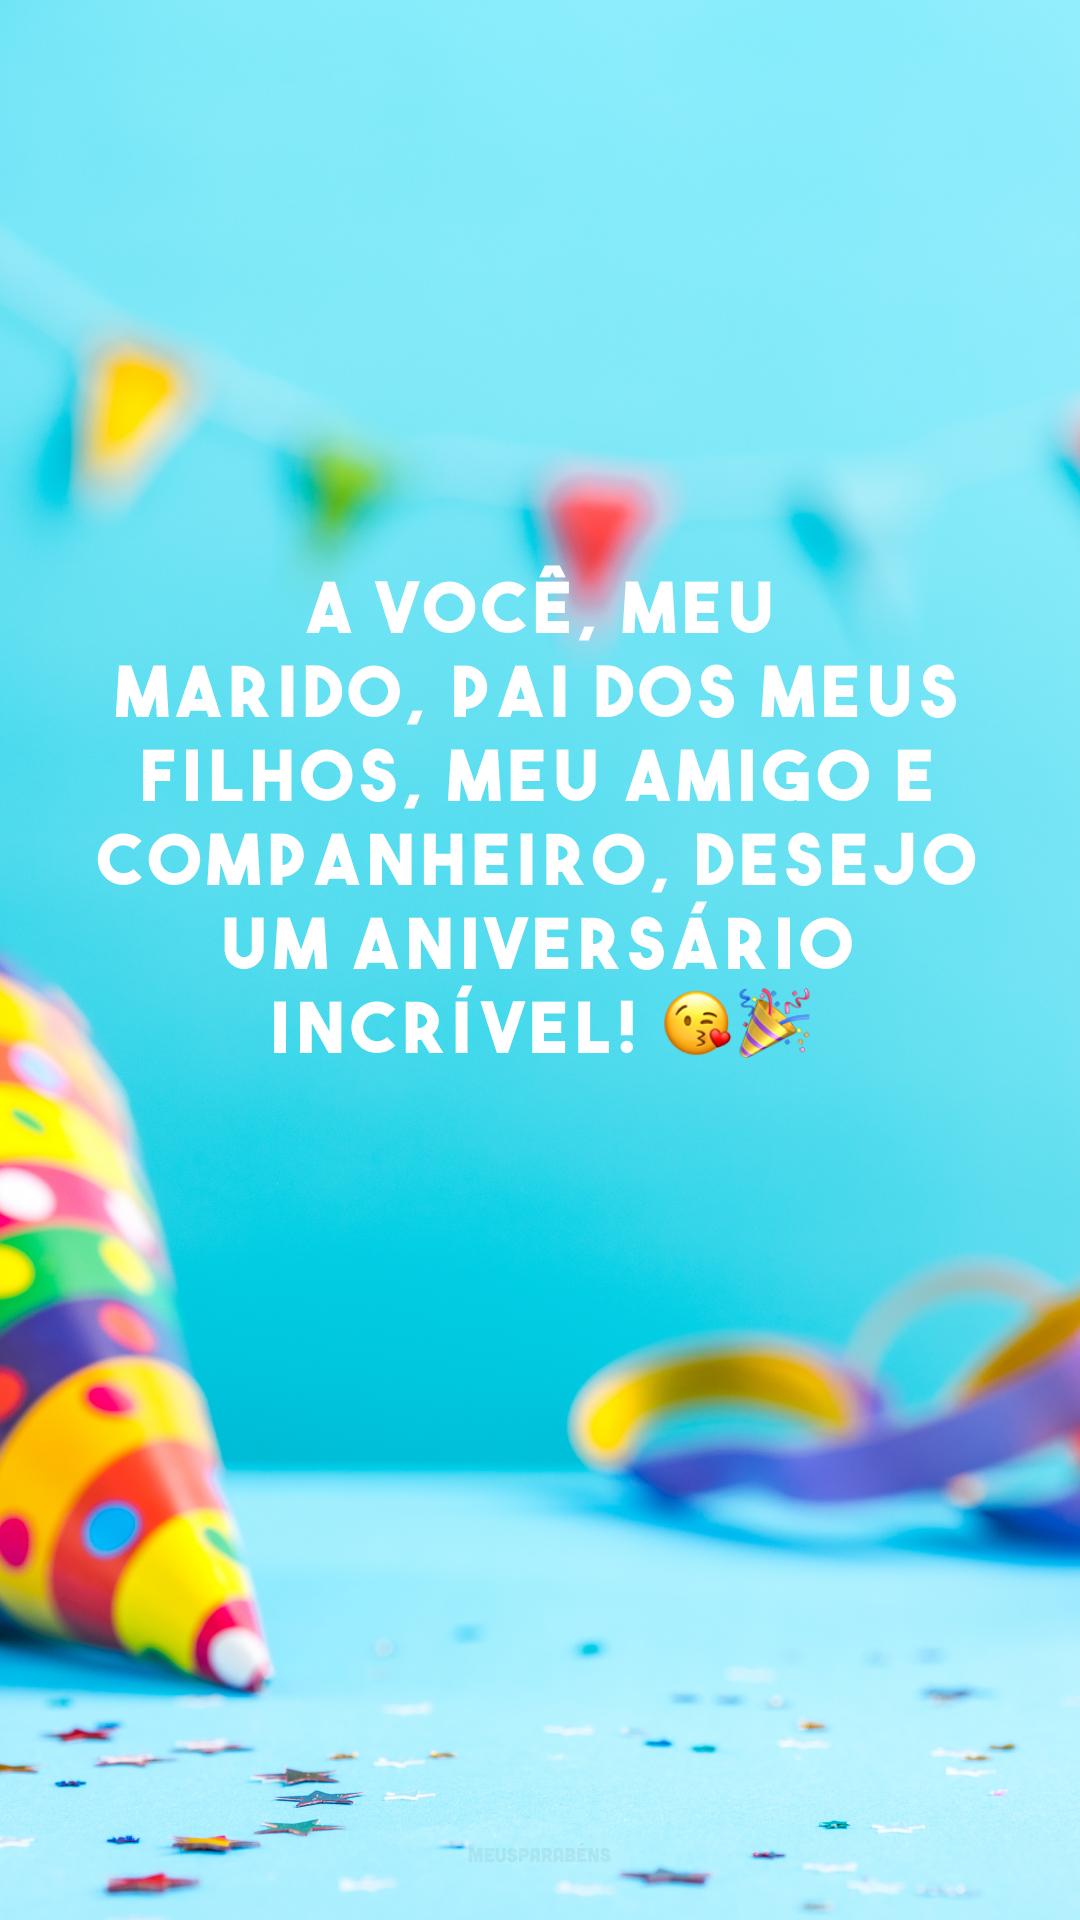 A você, meu marido, pai dos meus filhos, meu amigo e companheiro, desejo um aniversário incrível! 😘🎉